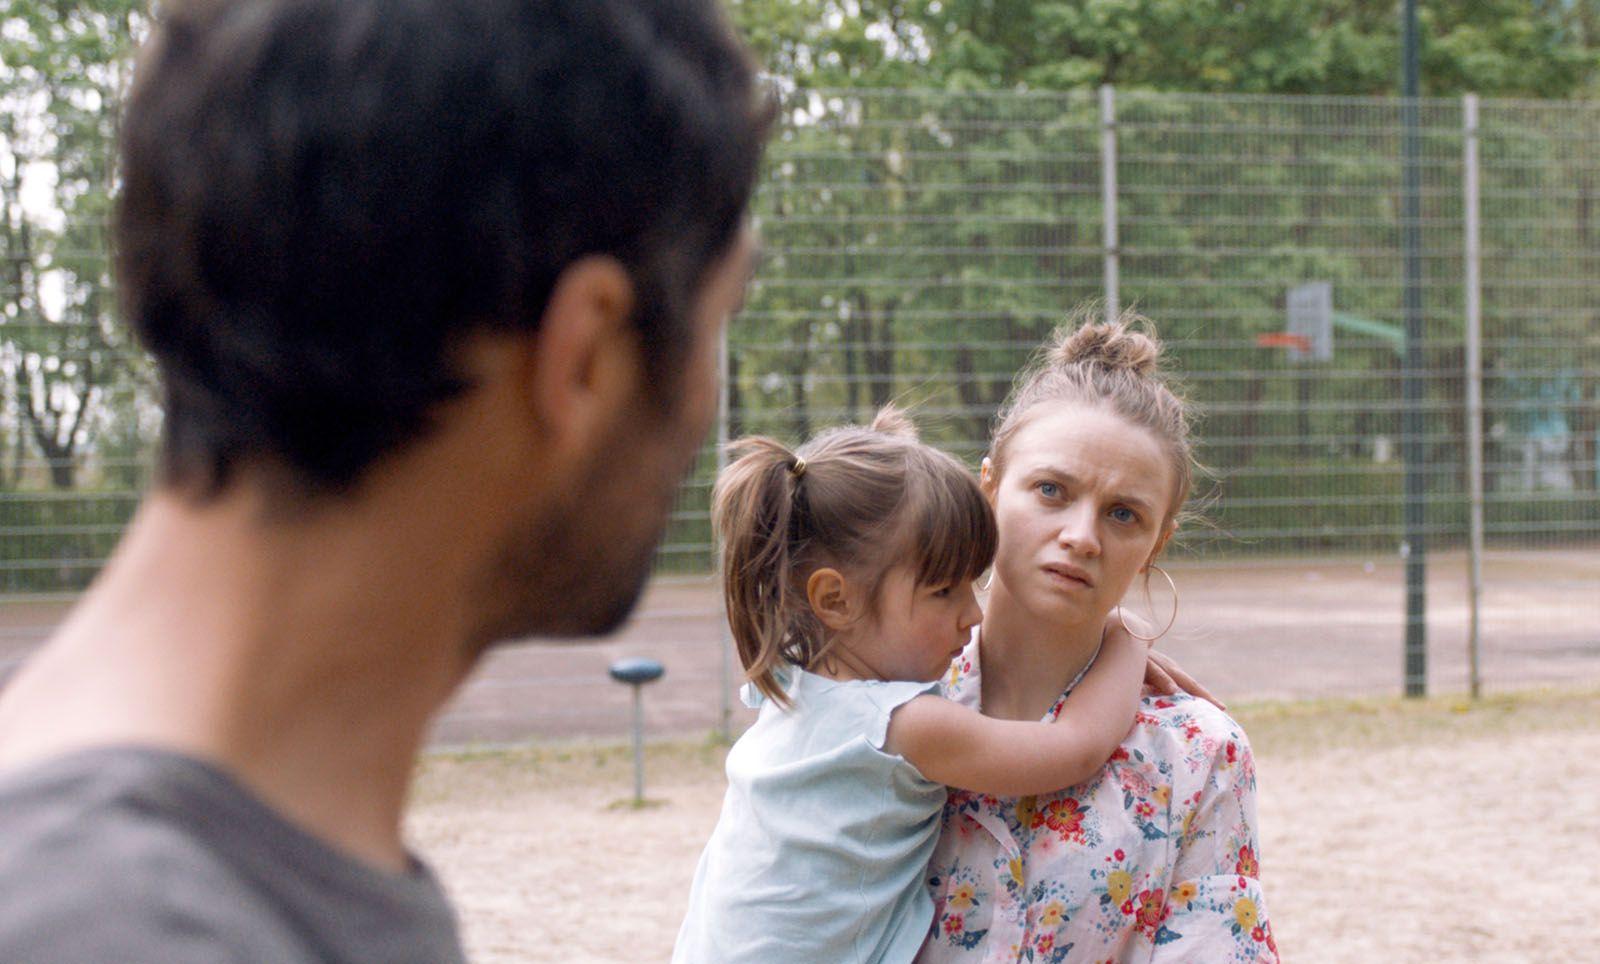 Filles de joie (BANDE-ANNONCE) avec Sara Forestier, Noémie Lvovsky - Le 22 juin 2020 au cinéma